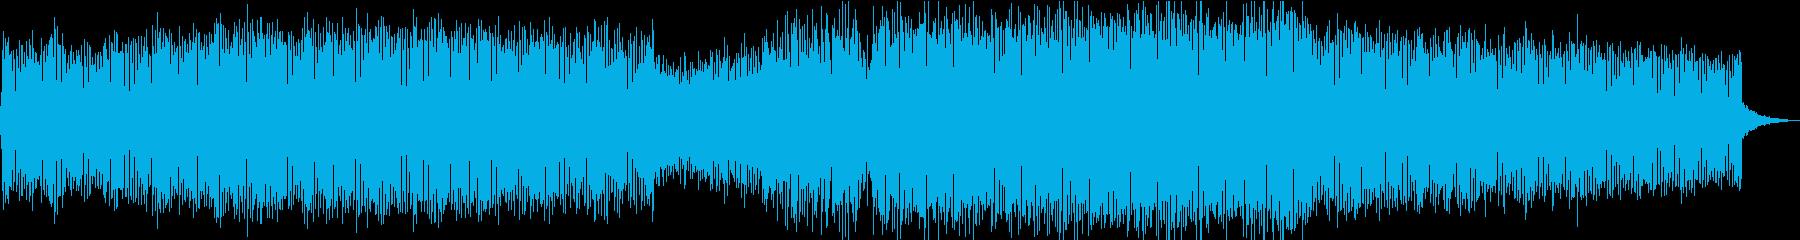 爽やかな海の風をイメージしたライトEDMの再生済みの波形